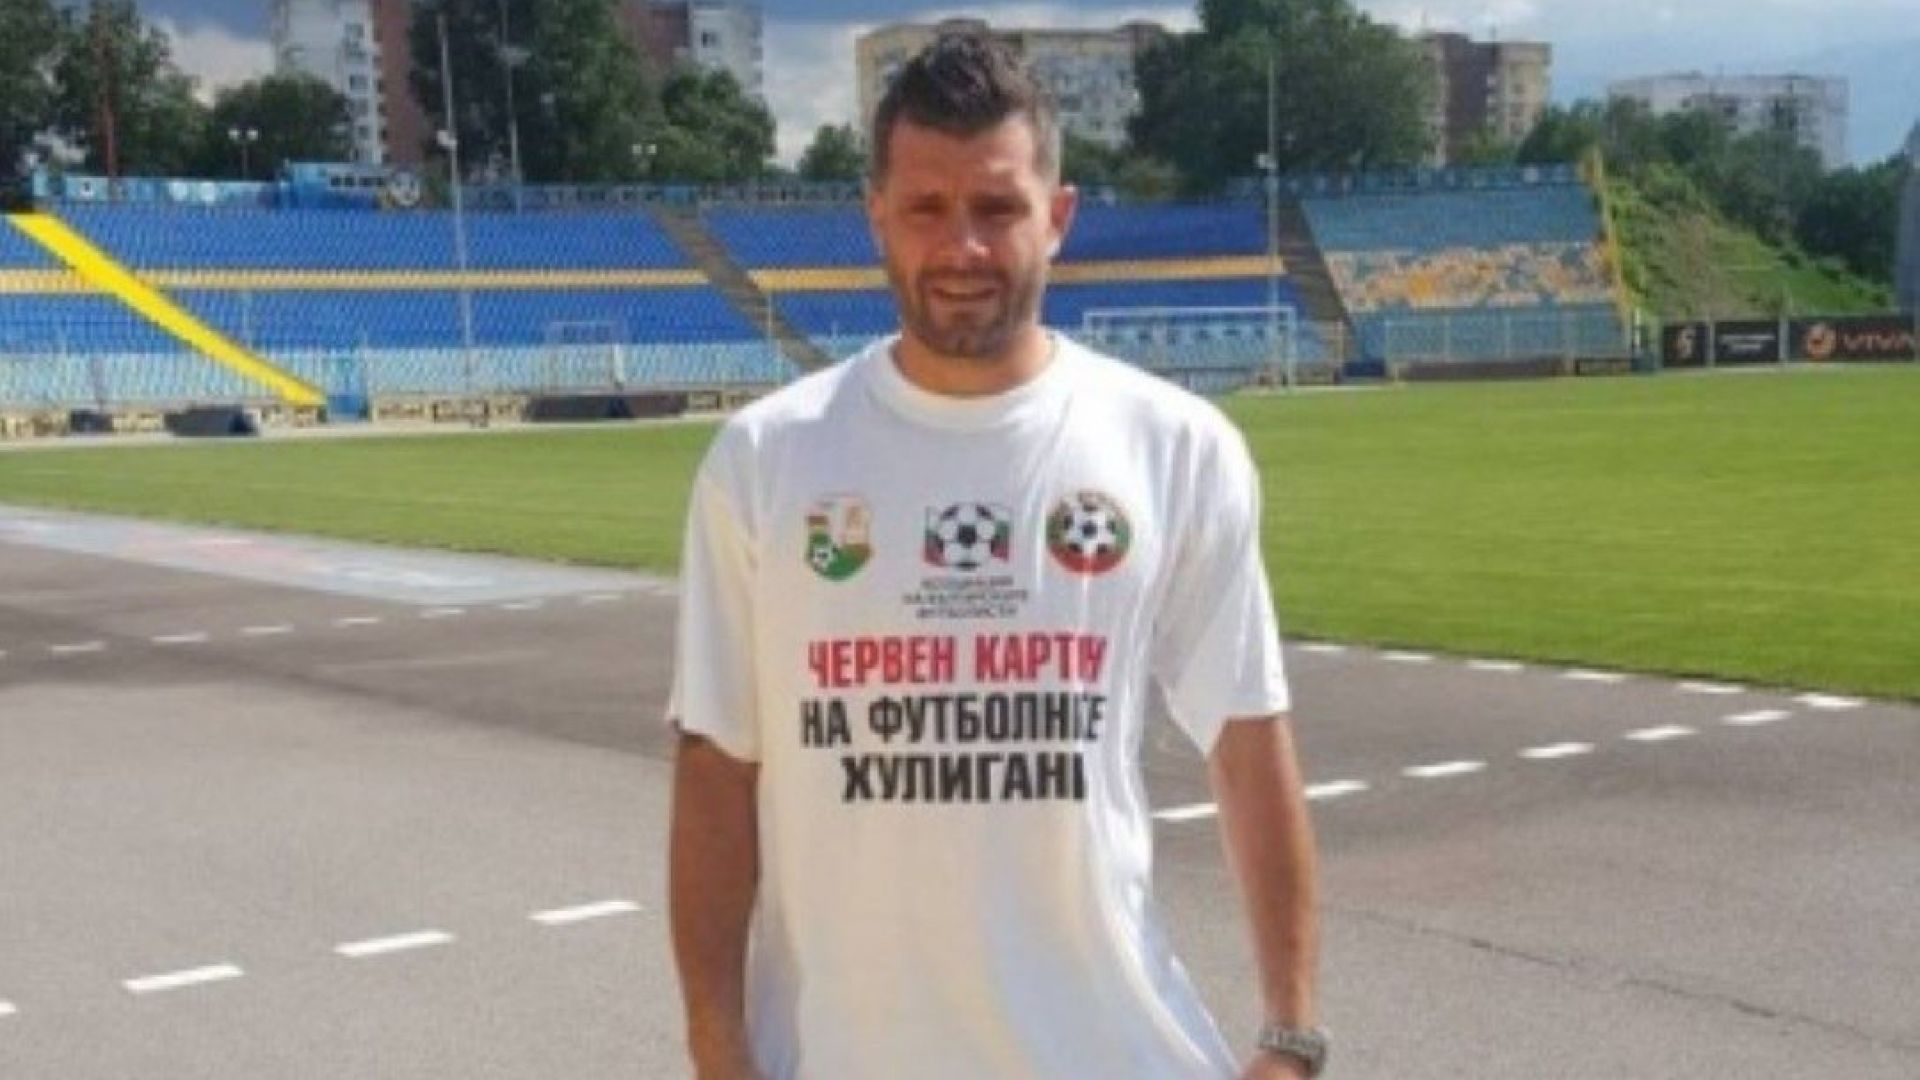 Капитаните на родните отбори се обединиха срещу футболното хулиганство